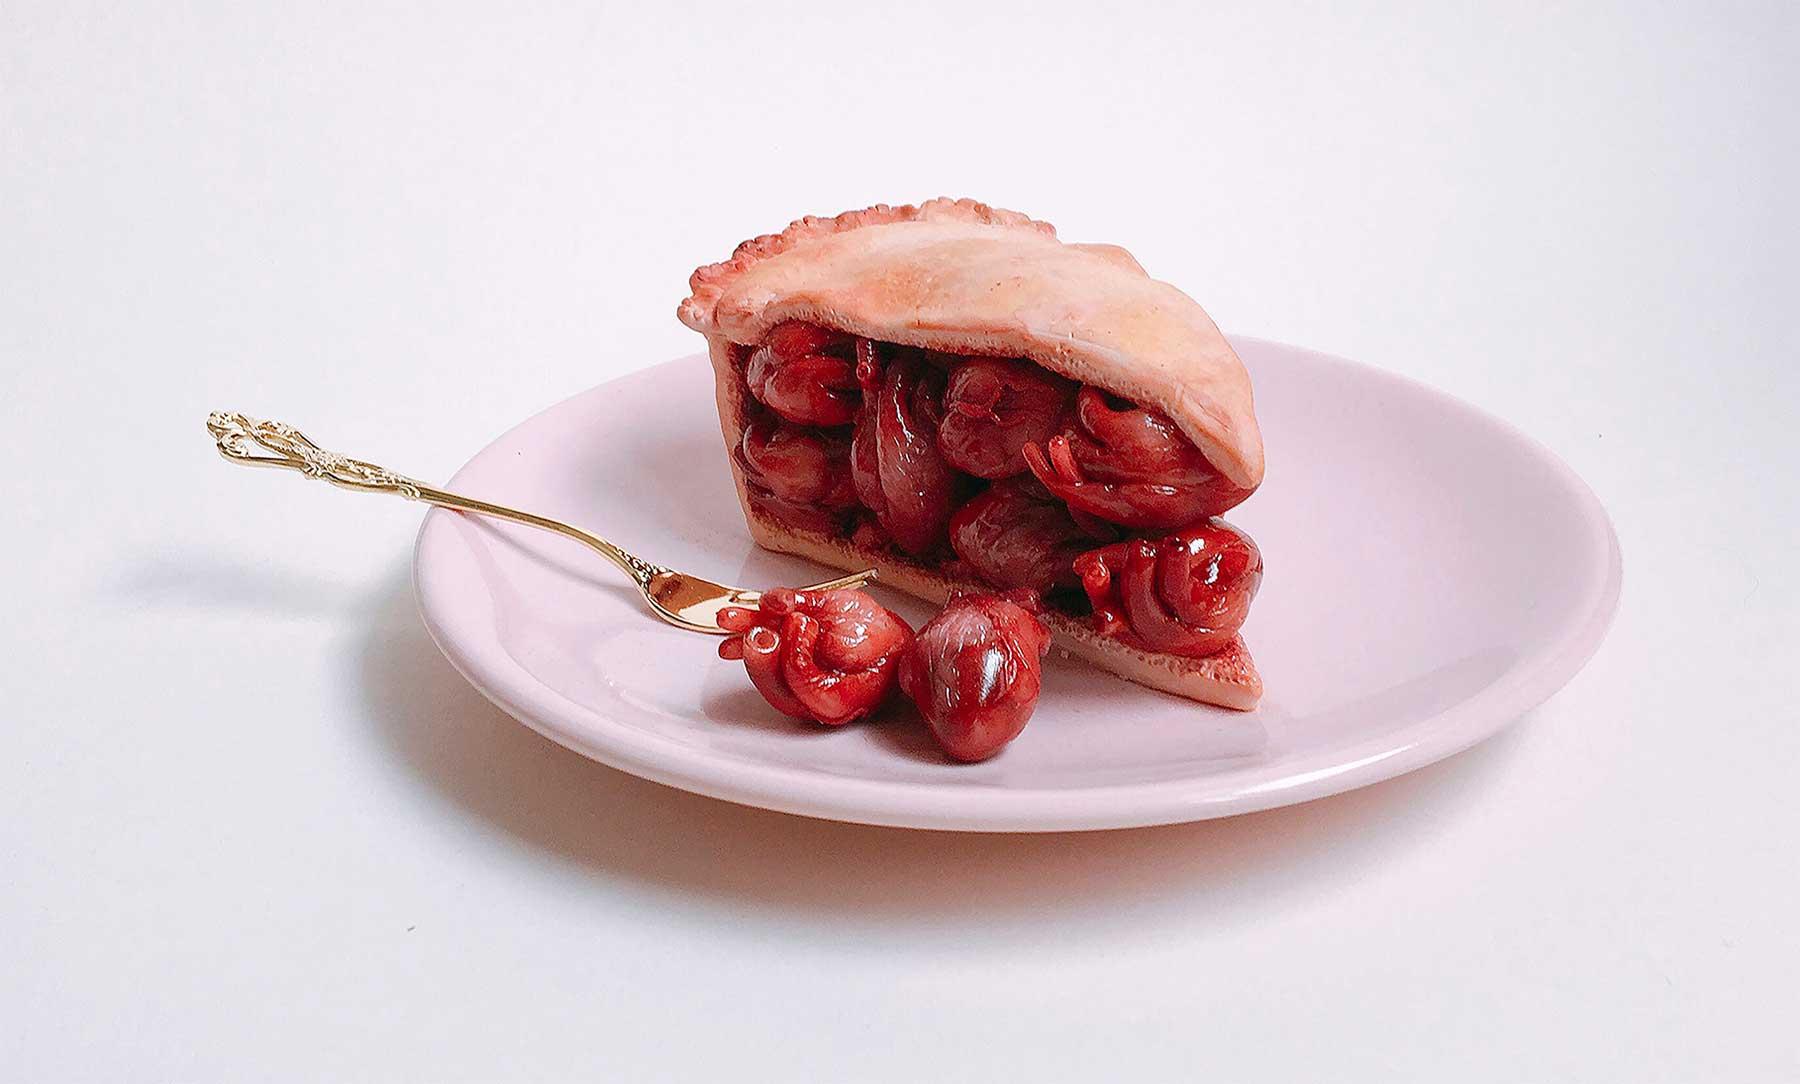 Anatomie-Desserts von QimmyShimmy